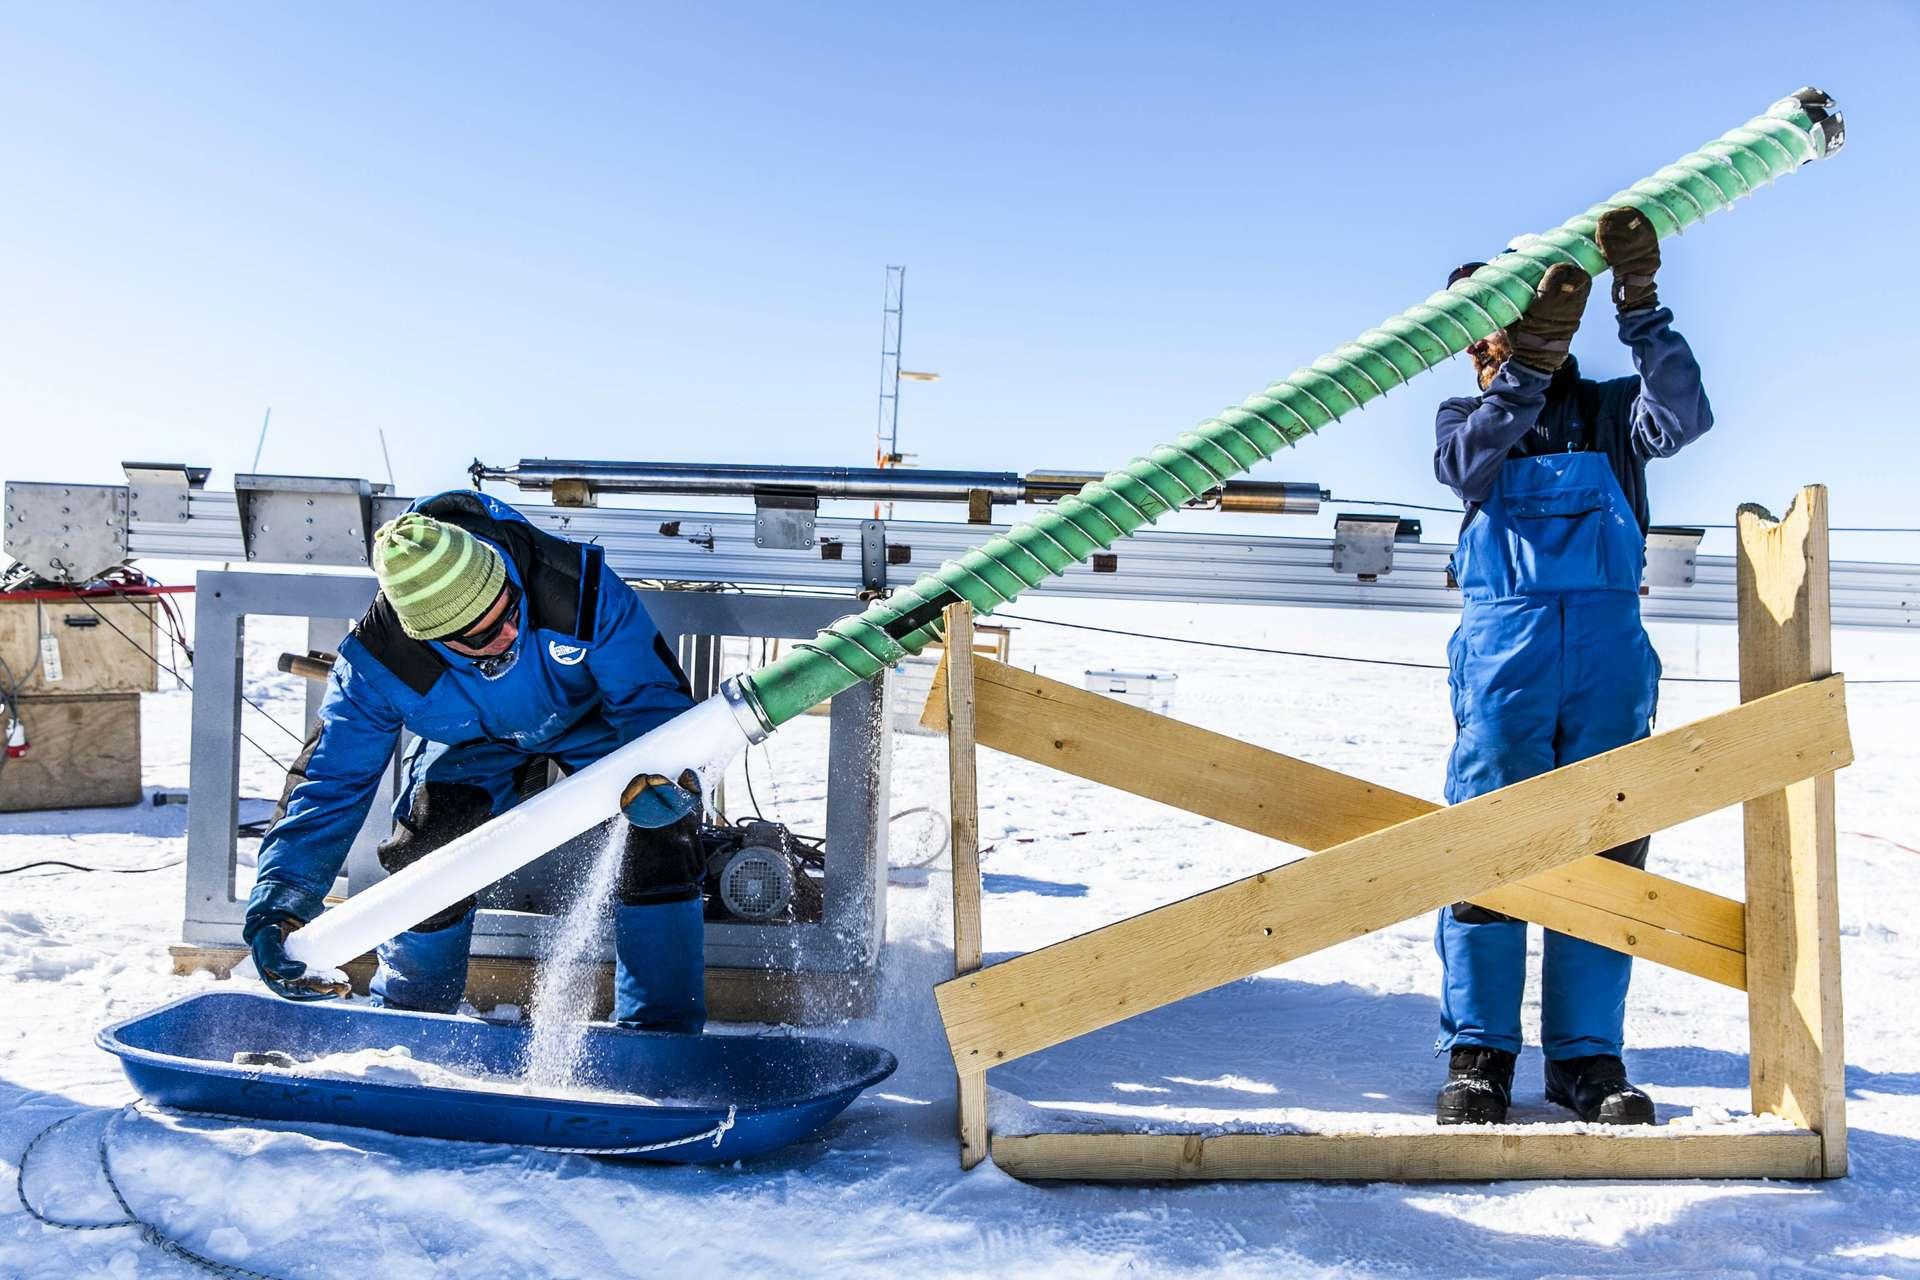 Une carotte de glace est extraite par forage profond. L'analyse des différentes couches de glace, dont elle a été formée au cours du temps, apporte des précisions sur l'histoire du monde. Notamment sur le climat, la composition de l'atmosphère et la survenue de pandémie dans une société industrialisée ! © Thibaut Vergoz, Institut polaire français, CNRS